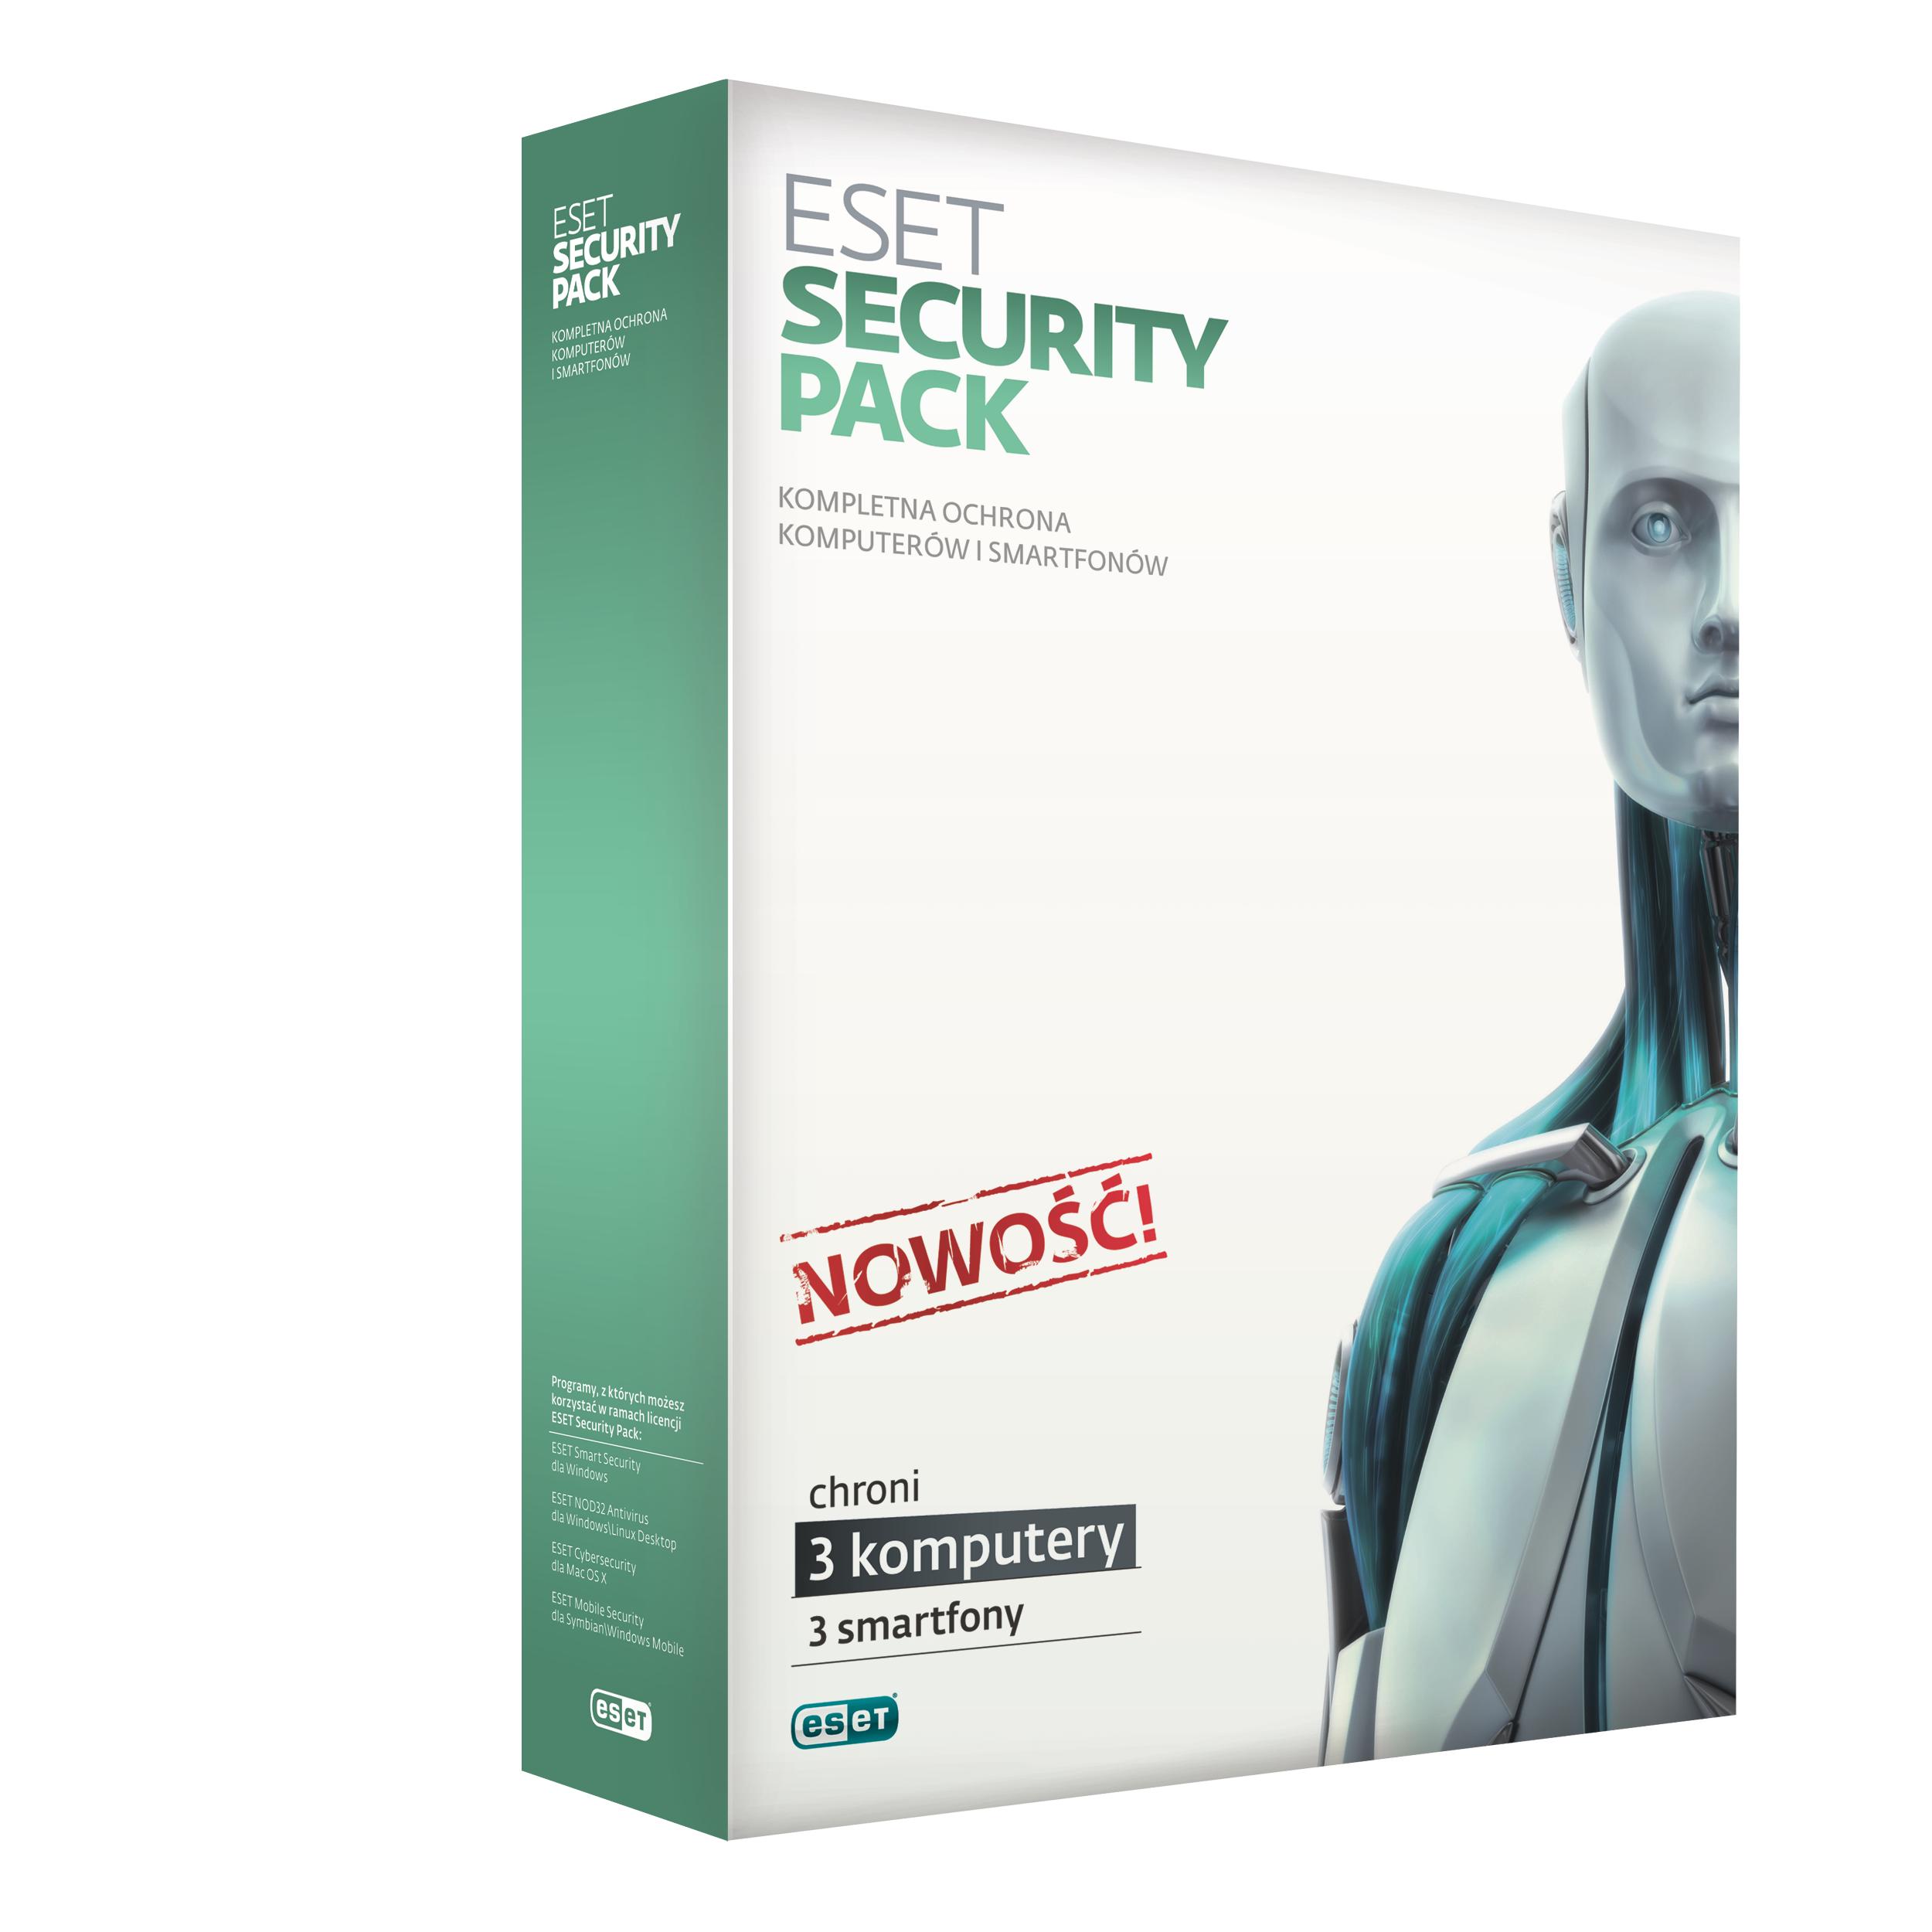 Eset: pakiet bezpieczeństwa na 3 komputery i 3 smartphony